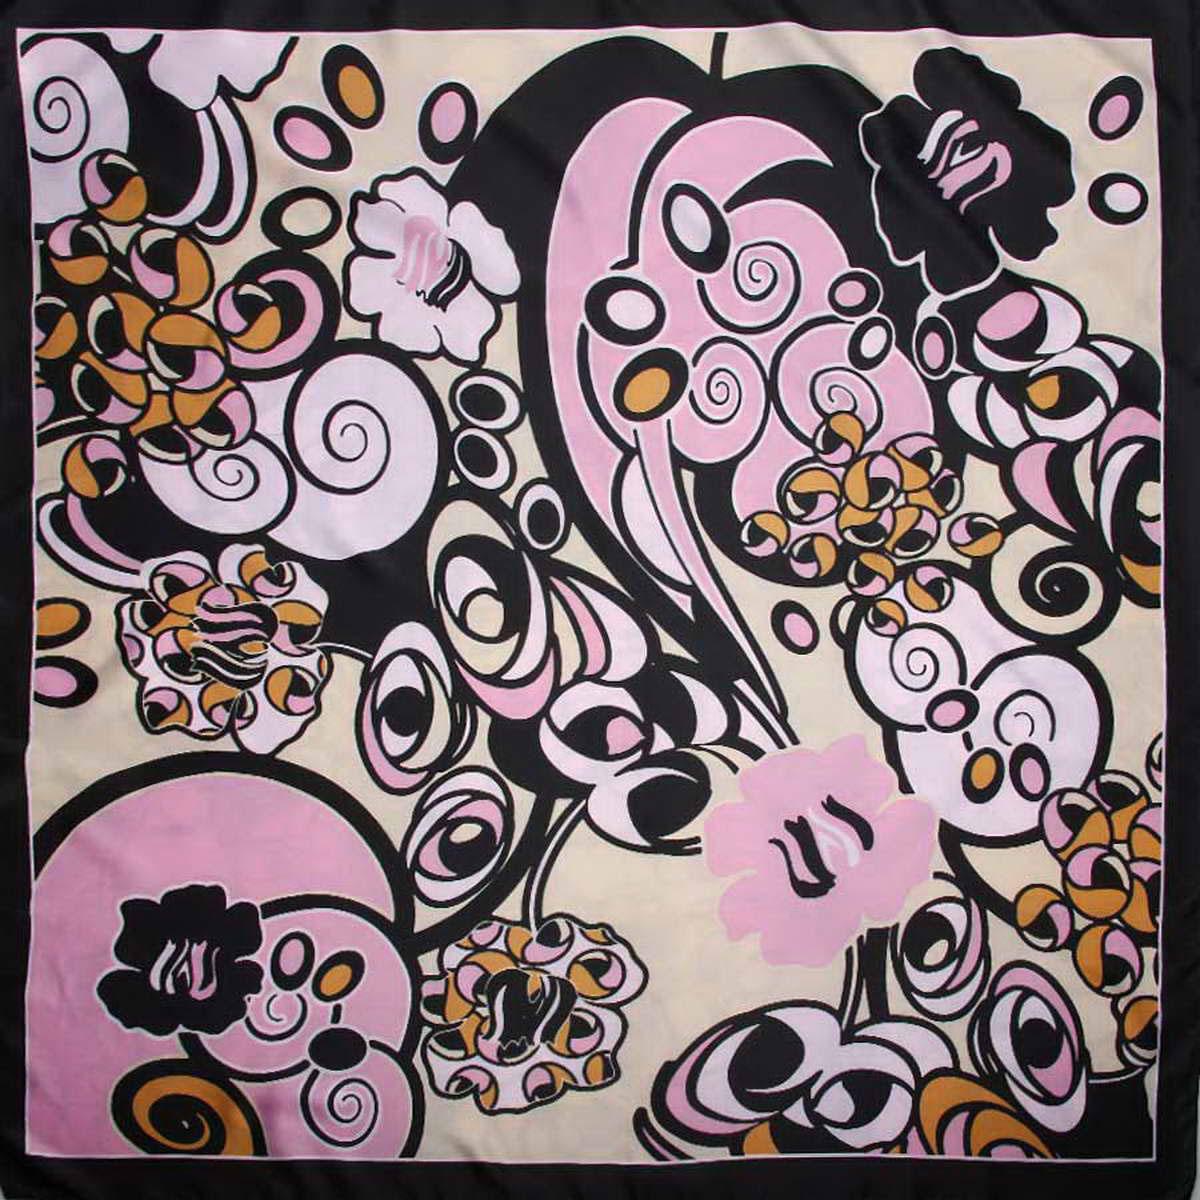 Платок женский Venera, цвет: черный, бежевый, розовый. 3915183-11. Размер 90 см х 90 см3915183-11Яркий женский платок Venera изготовлен из легкого и нежного полиэстера, станет глотком свежести и активности при любом вашем наряде. Сочетание цветов очень оригинальное и безупречное, а рисунки с геометрическими элементами создают эффект гипнотического поля, которое завораживает собою и дарит ощущение невероятного и космического. Такой платок станет неотъемлемым элементом вашего гардероба.Классическая квадратная форма позволяет носить платок на шее, украшать им прическу или декорировать сумочку.Платок Venera превосходно дополнит любой наряд и подчеркнет ваш неповторимый вкус и элегантность.